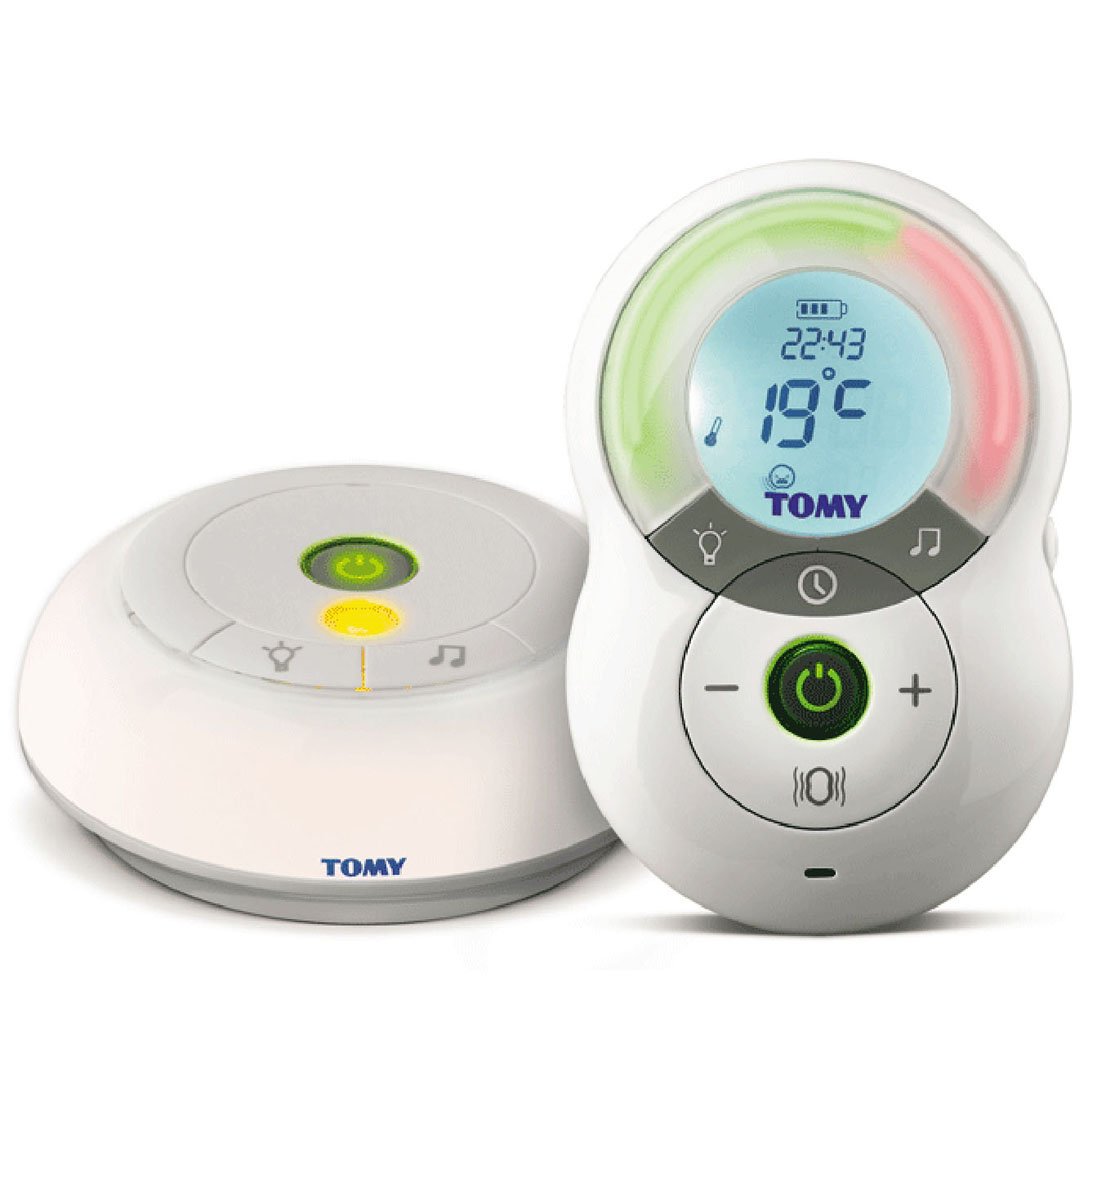 Tomy Digital Monitor ТF550 - цифровая радионяня с автоматическим выбором наилучшего канала связи. Кристально чистый звук и 100% конфиденциальность! Радионяня с большим ЖК-дисплеем, на котором отображаются часы, тепература в комнате ребенка, заряд батареи и подключенные функции. Родительский блок радионяни укомплектован удобной клипсой для ношения на поясе. Для дополнительной визуальной информации родительский блок оснащен светодиодной индикацией звука. Для оповещения, в случае потери связи между родительским и детским блоком, радионяня снабжена специальным индикатором, который так же оповещает о низком уровне зараяда батареи. Ночник в детском блоке управляется дистанционно с родительского блока. Так же, с родительского блока, можно включить одну из нескольких колыбельных мелодий.